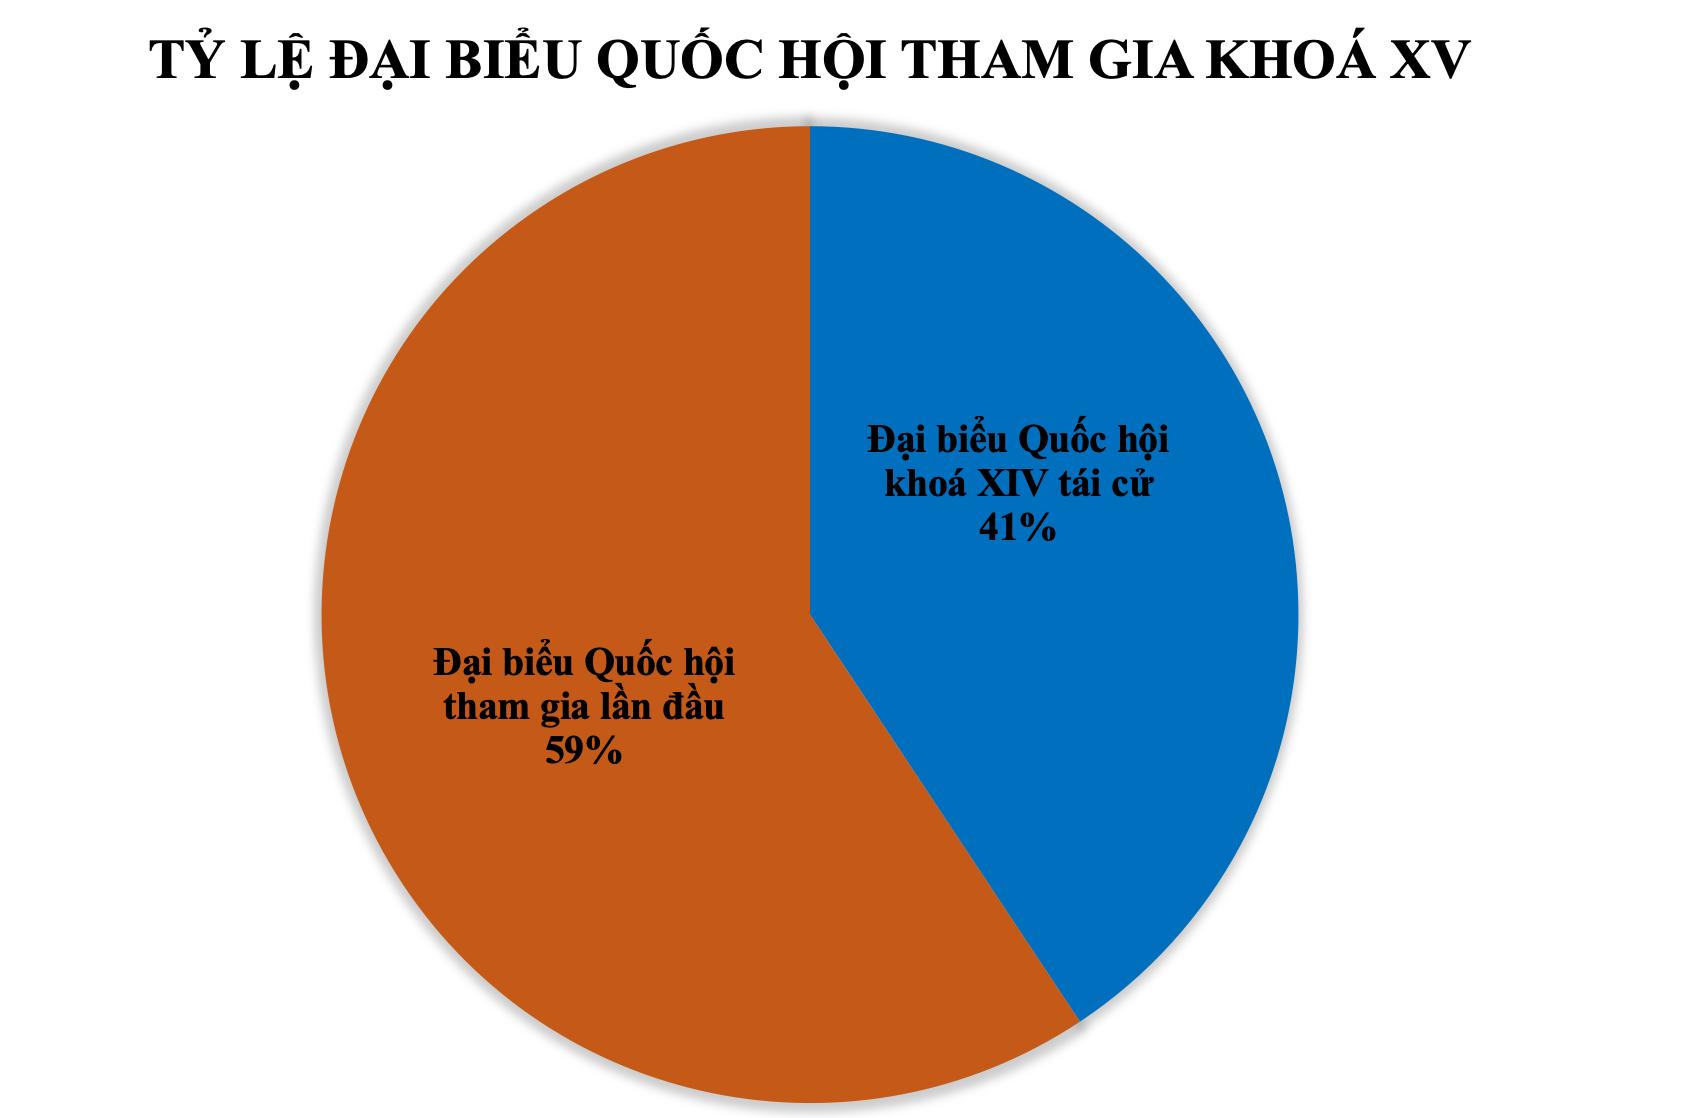 Chi tiết cơ cấu đại biểu Quốc hội khoá XV - 4